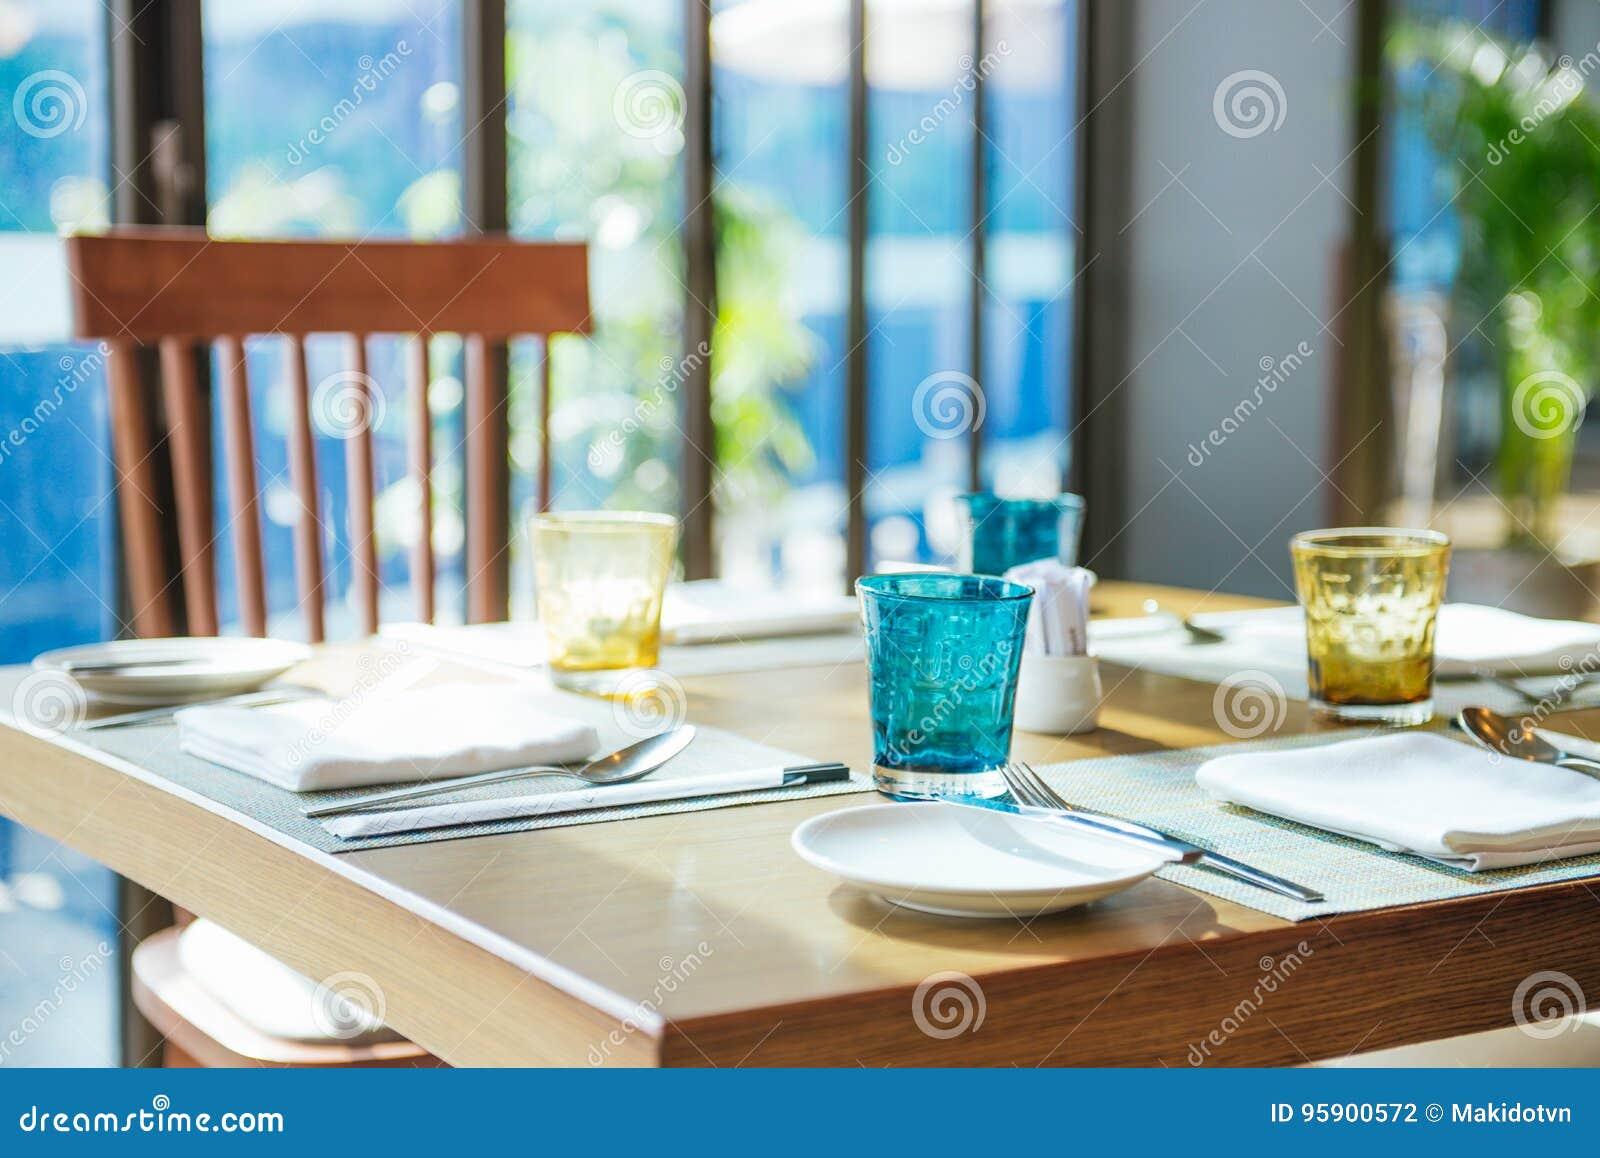 Freizeit-, Reise- und Tourismuskonzept Tabelleneinstellung an der Gaststätte